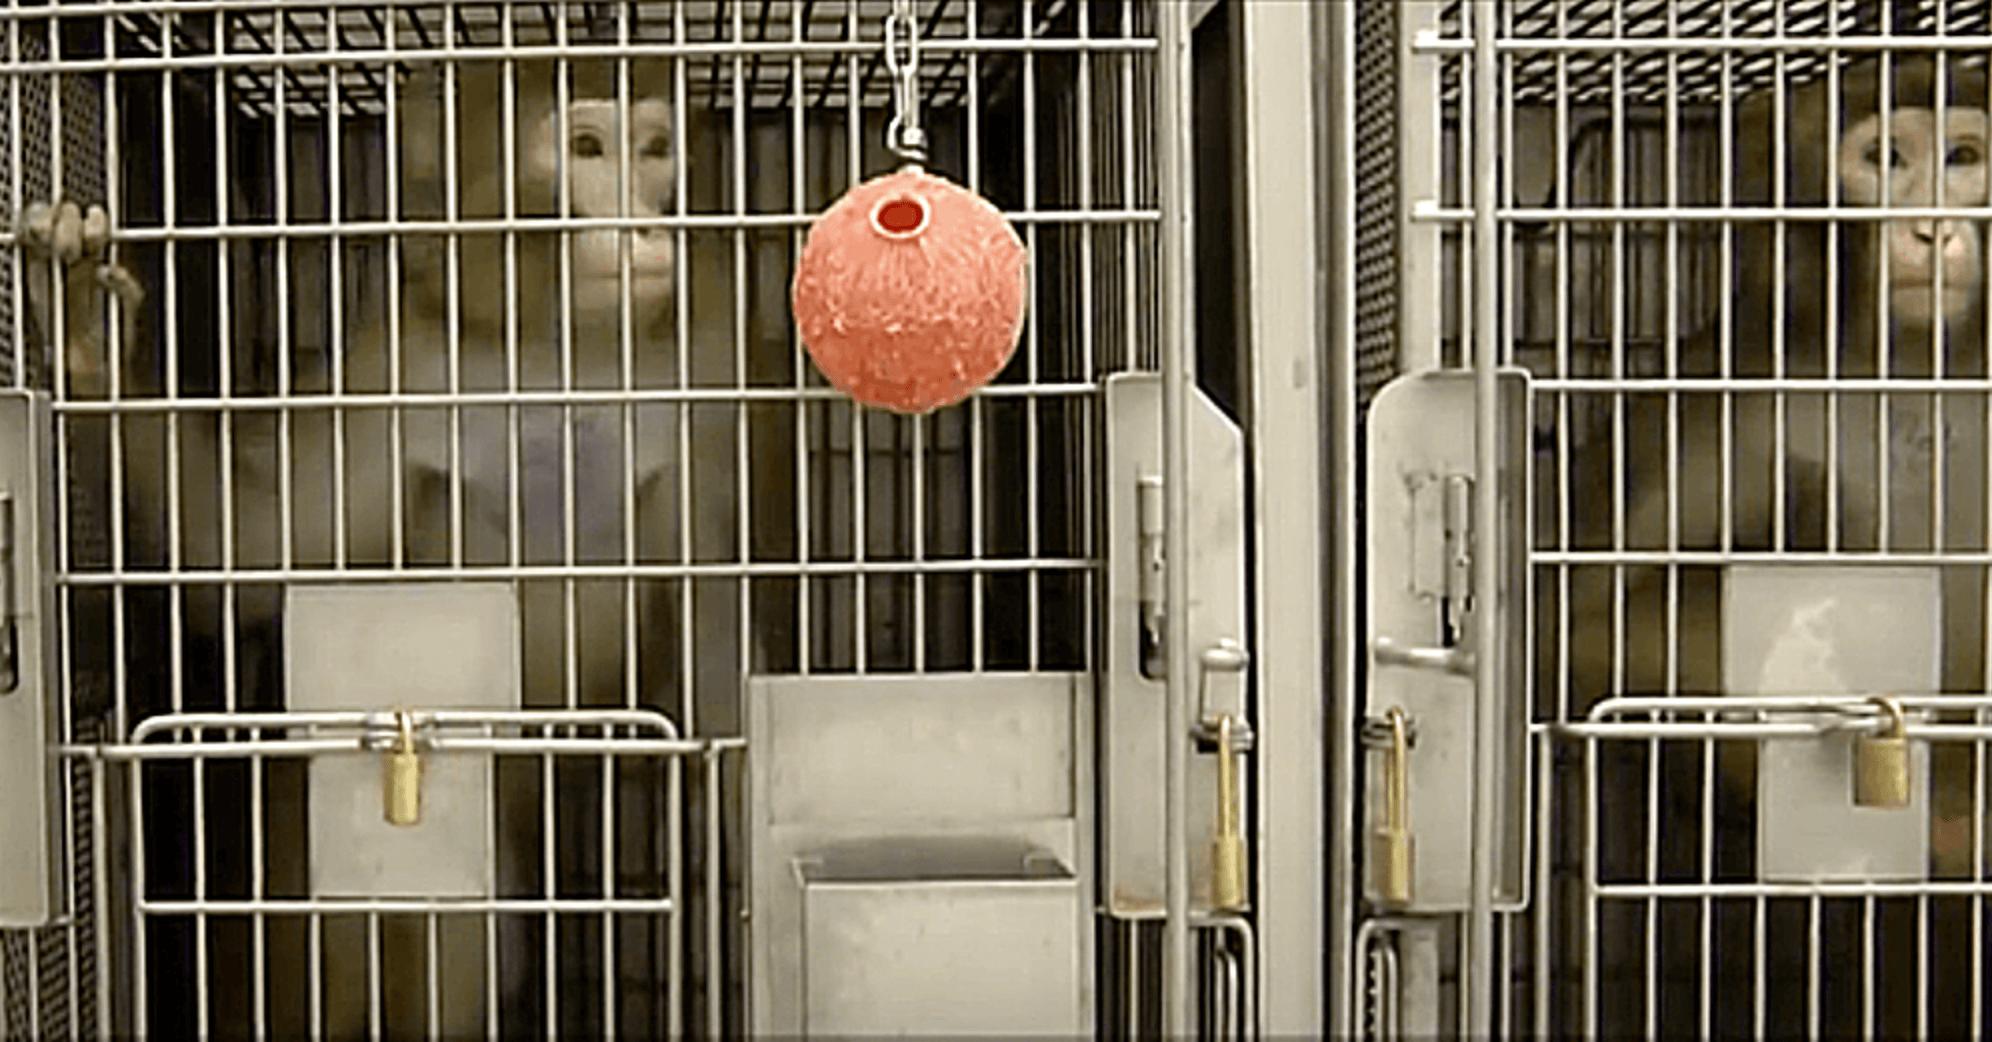 monos enjaulados en universidad de washington laboratorios